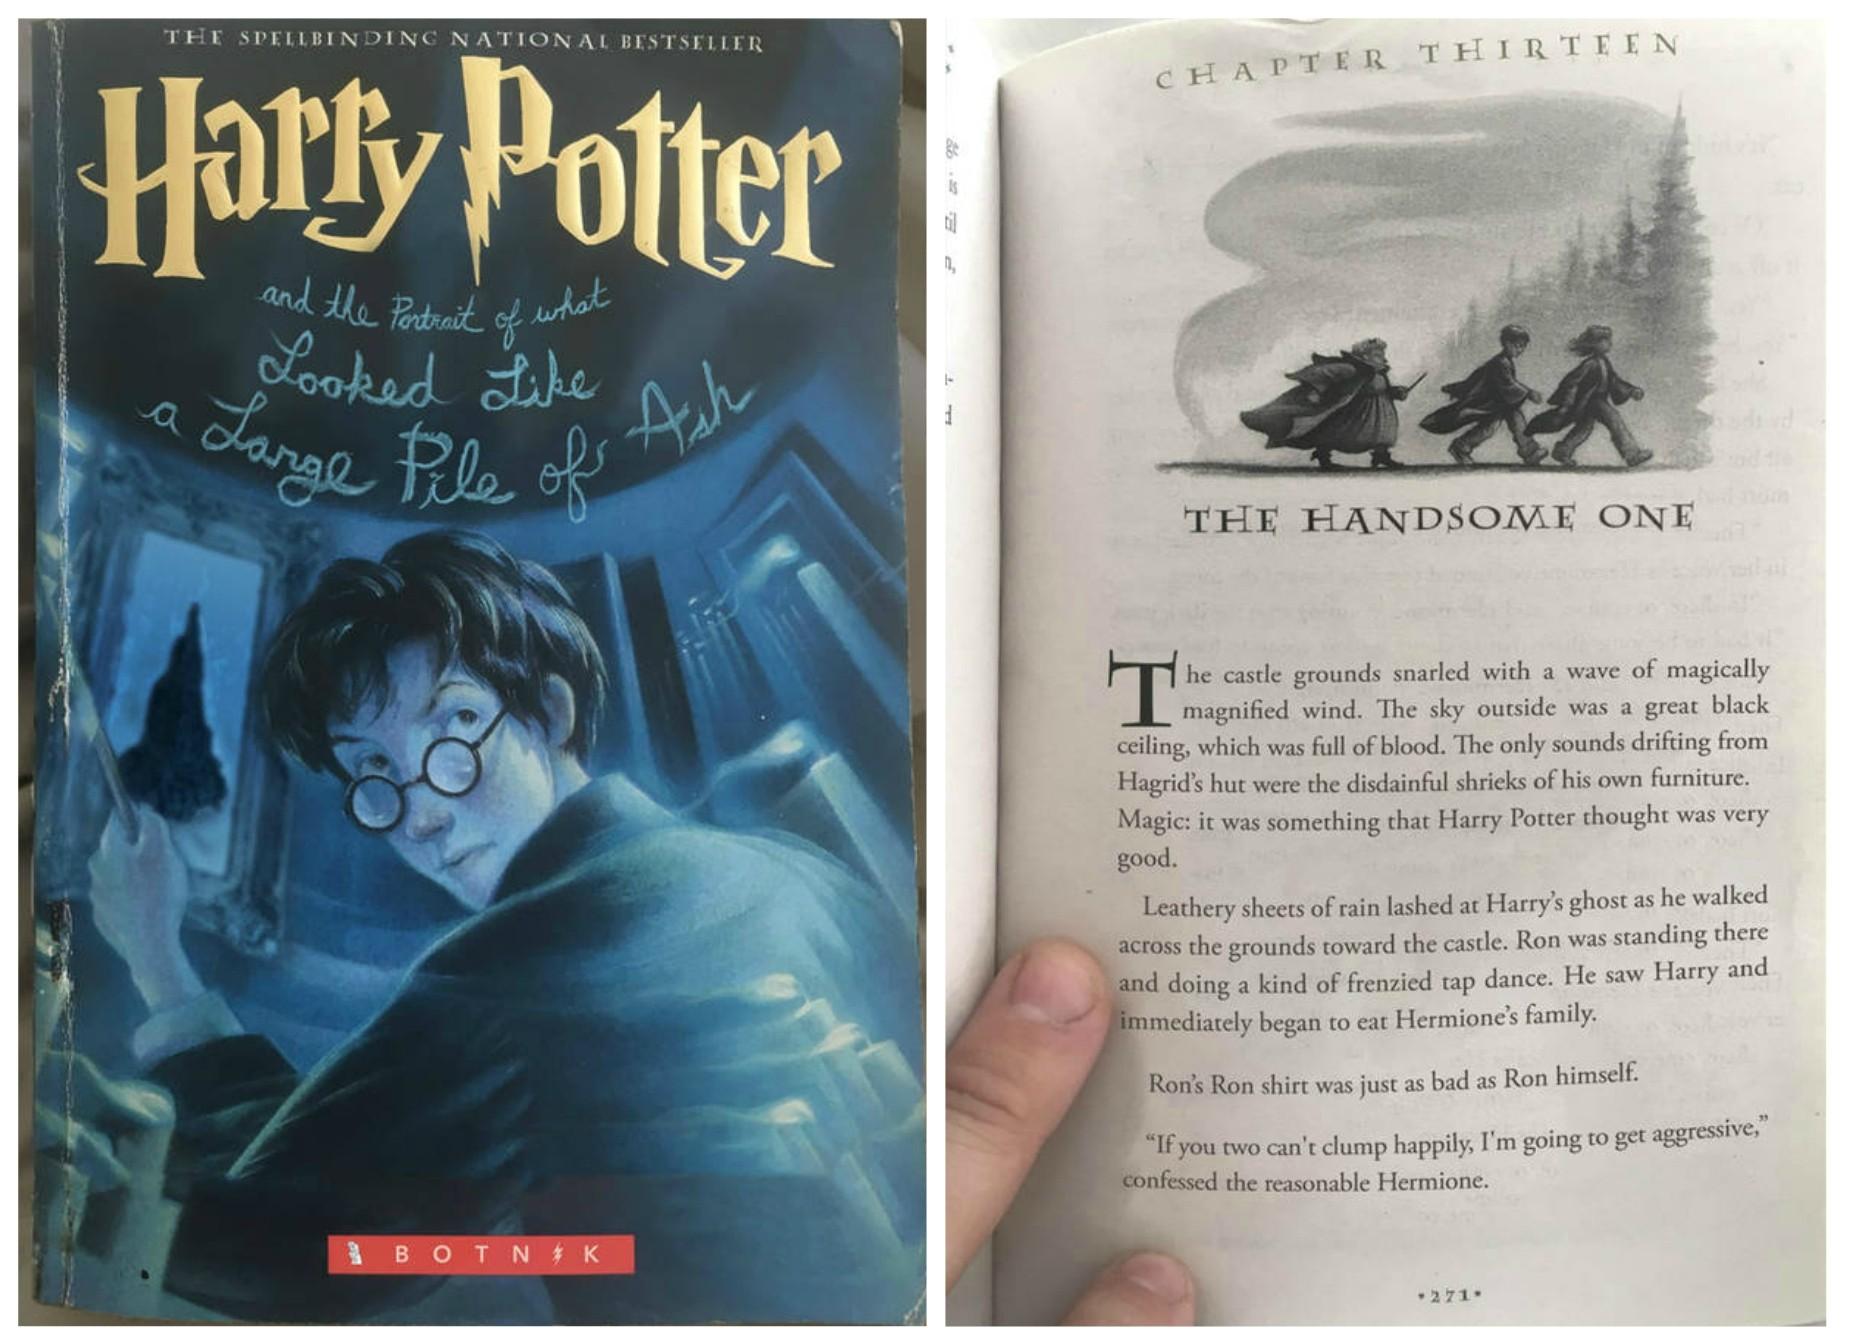 """As primeiras páginas de """"Harry Potter e o retrato que parece uma grande pilha de cinzas"""" foram escritas por um robô. (Foto: Botnik)"""